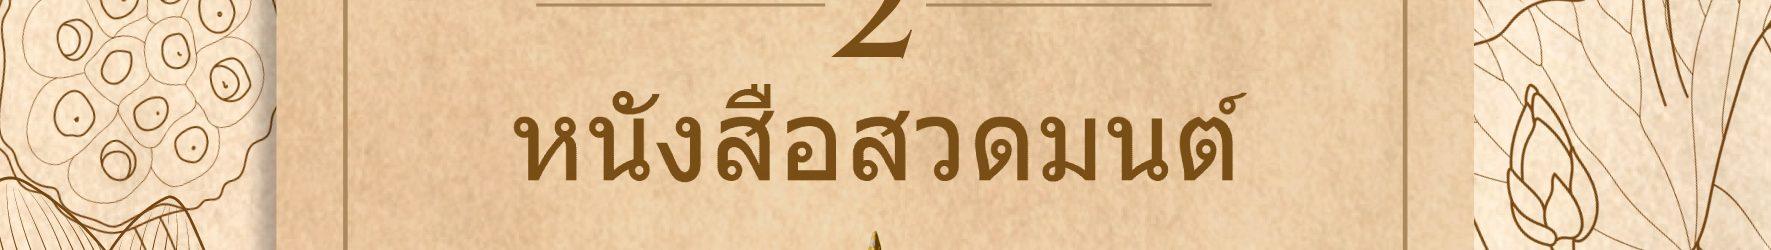 Preghiere Buddhiste 2